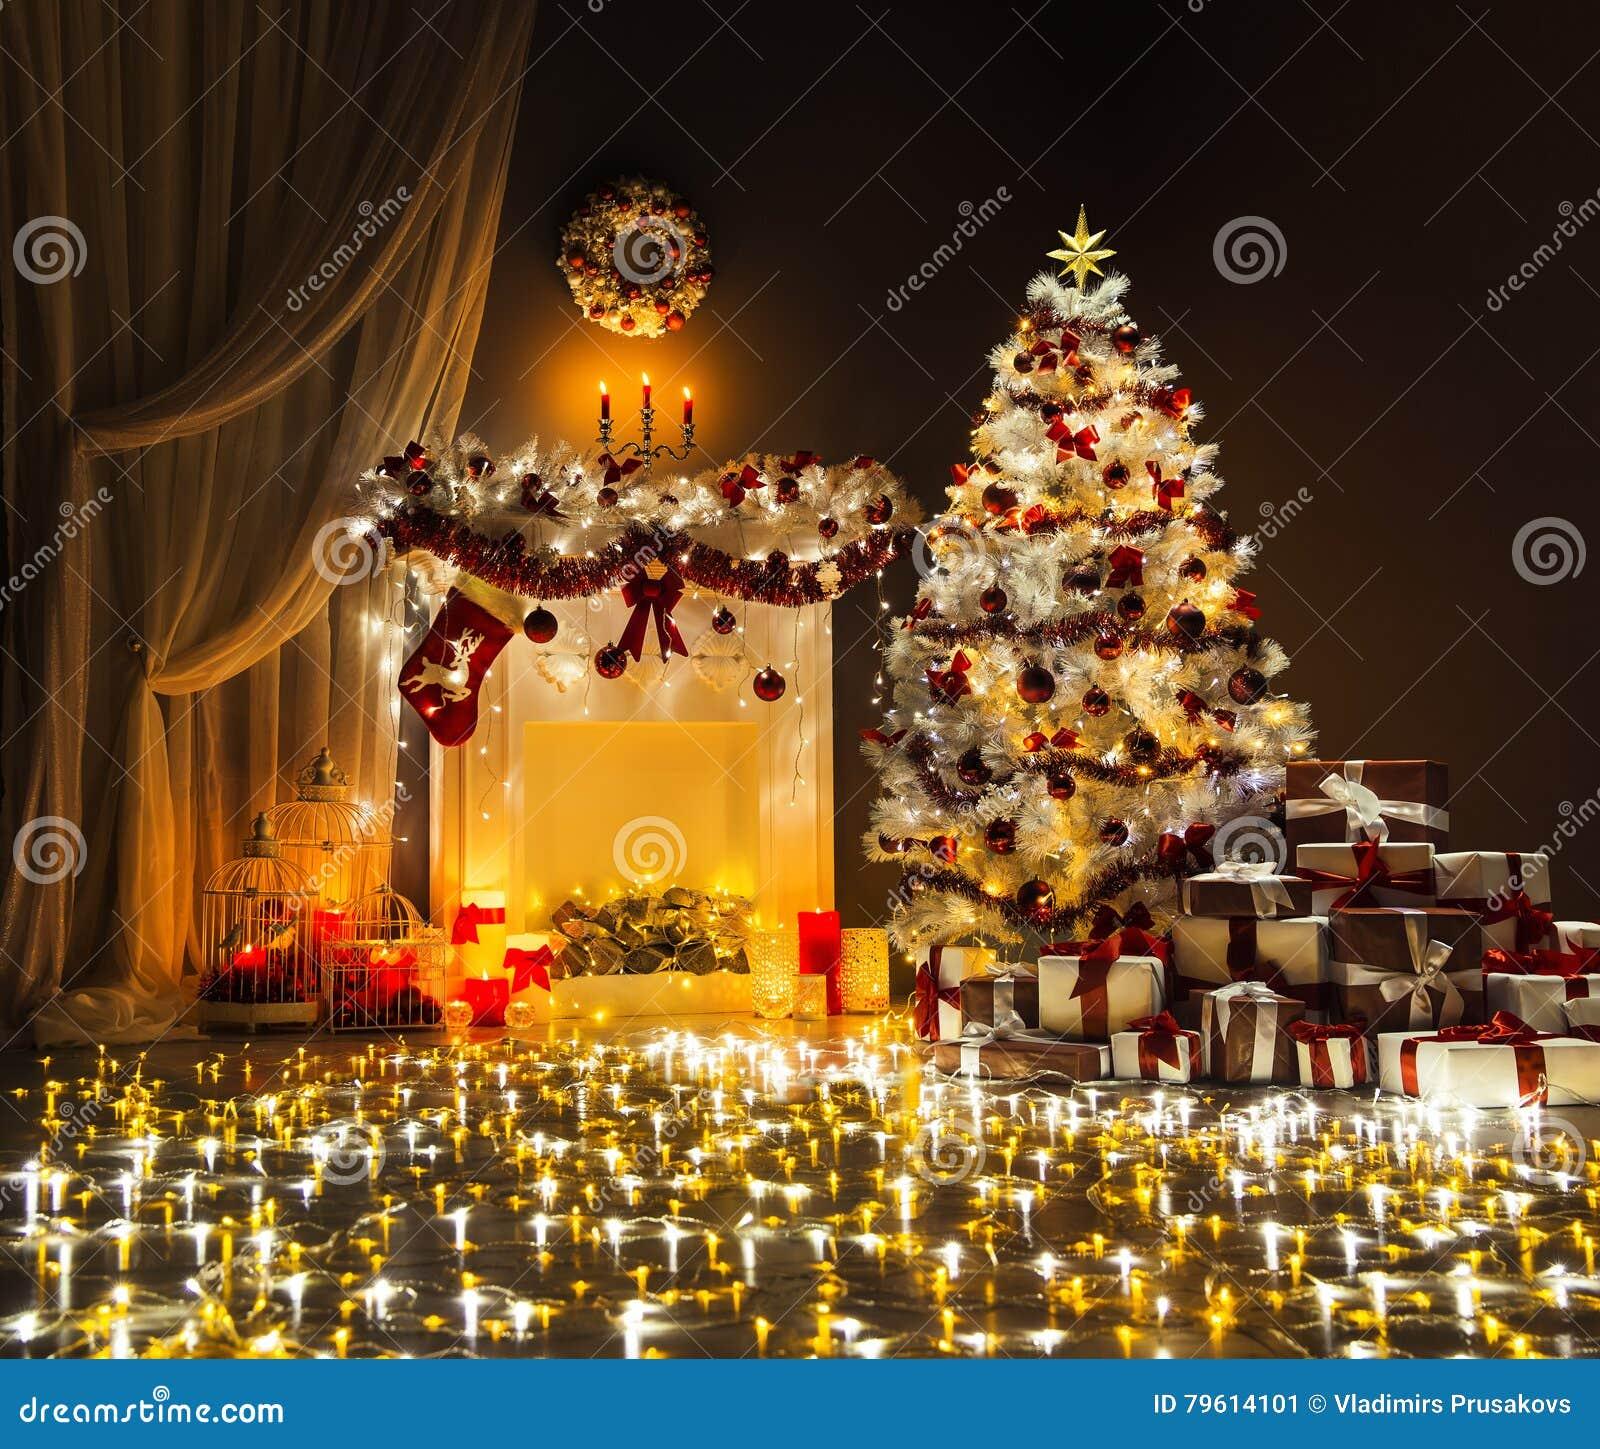 Το χριστουγεννιάτικο δέντρο ανάβει την εσωτερική, διακοσμημένη εστία Χριστουγέννων δωματίων